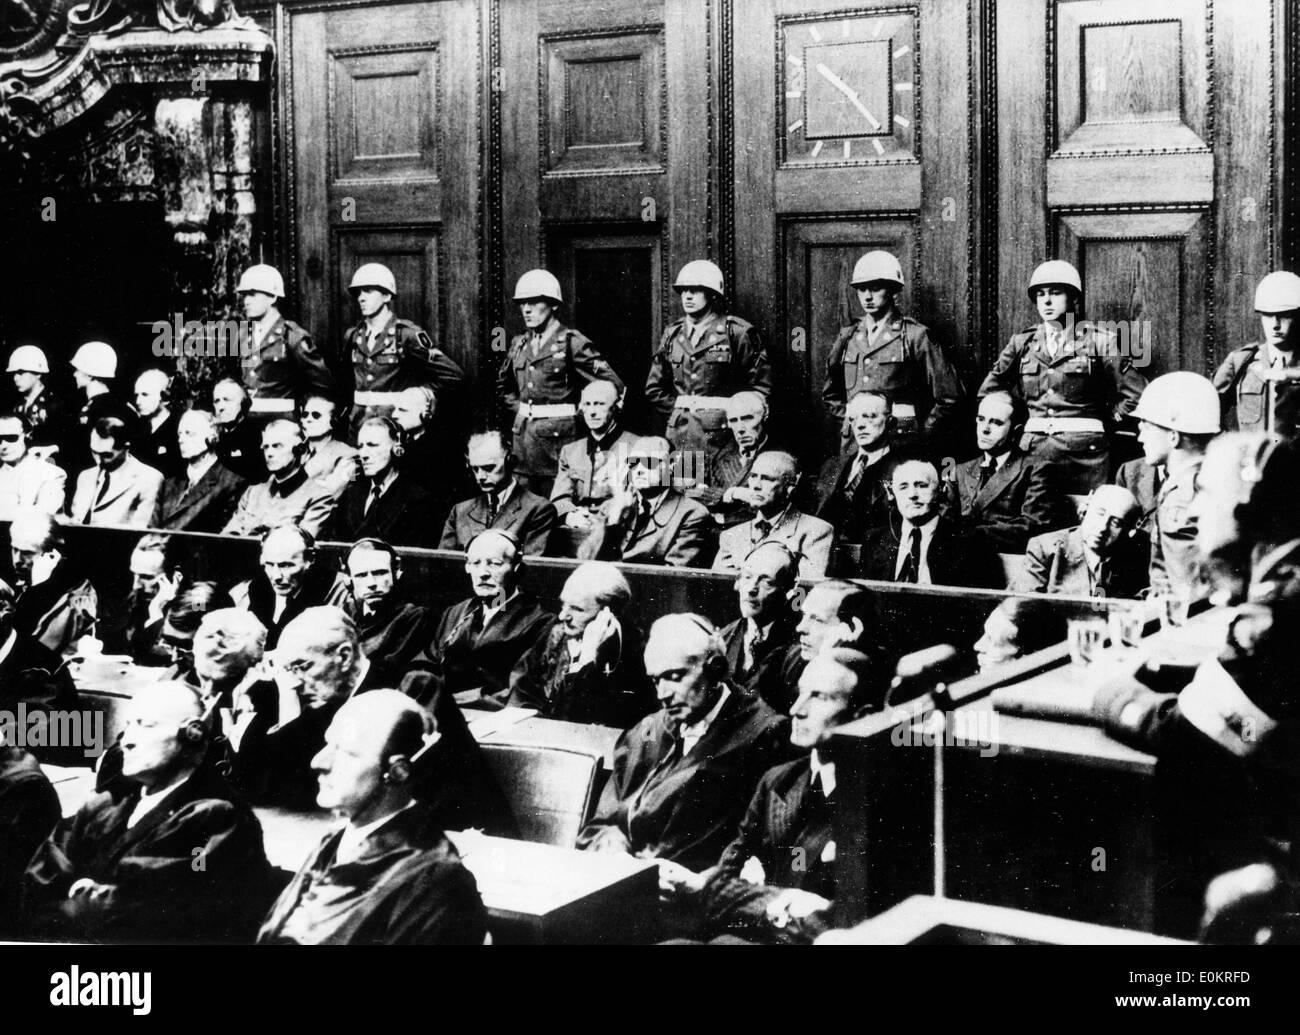 Algunos de los líderes nazis visto sentado en el banquillo de los acusados en el Juicio de Nuremberg durante la sesión final del juicio la mayor guerra de la historia Imagen De Stock